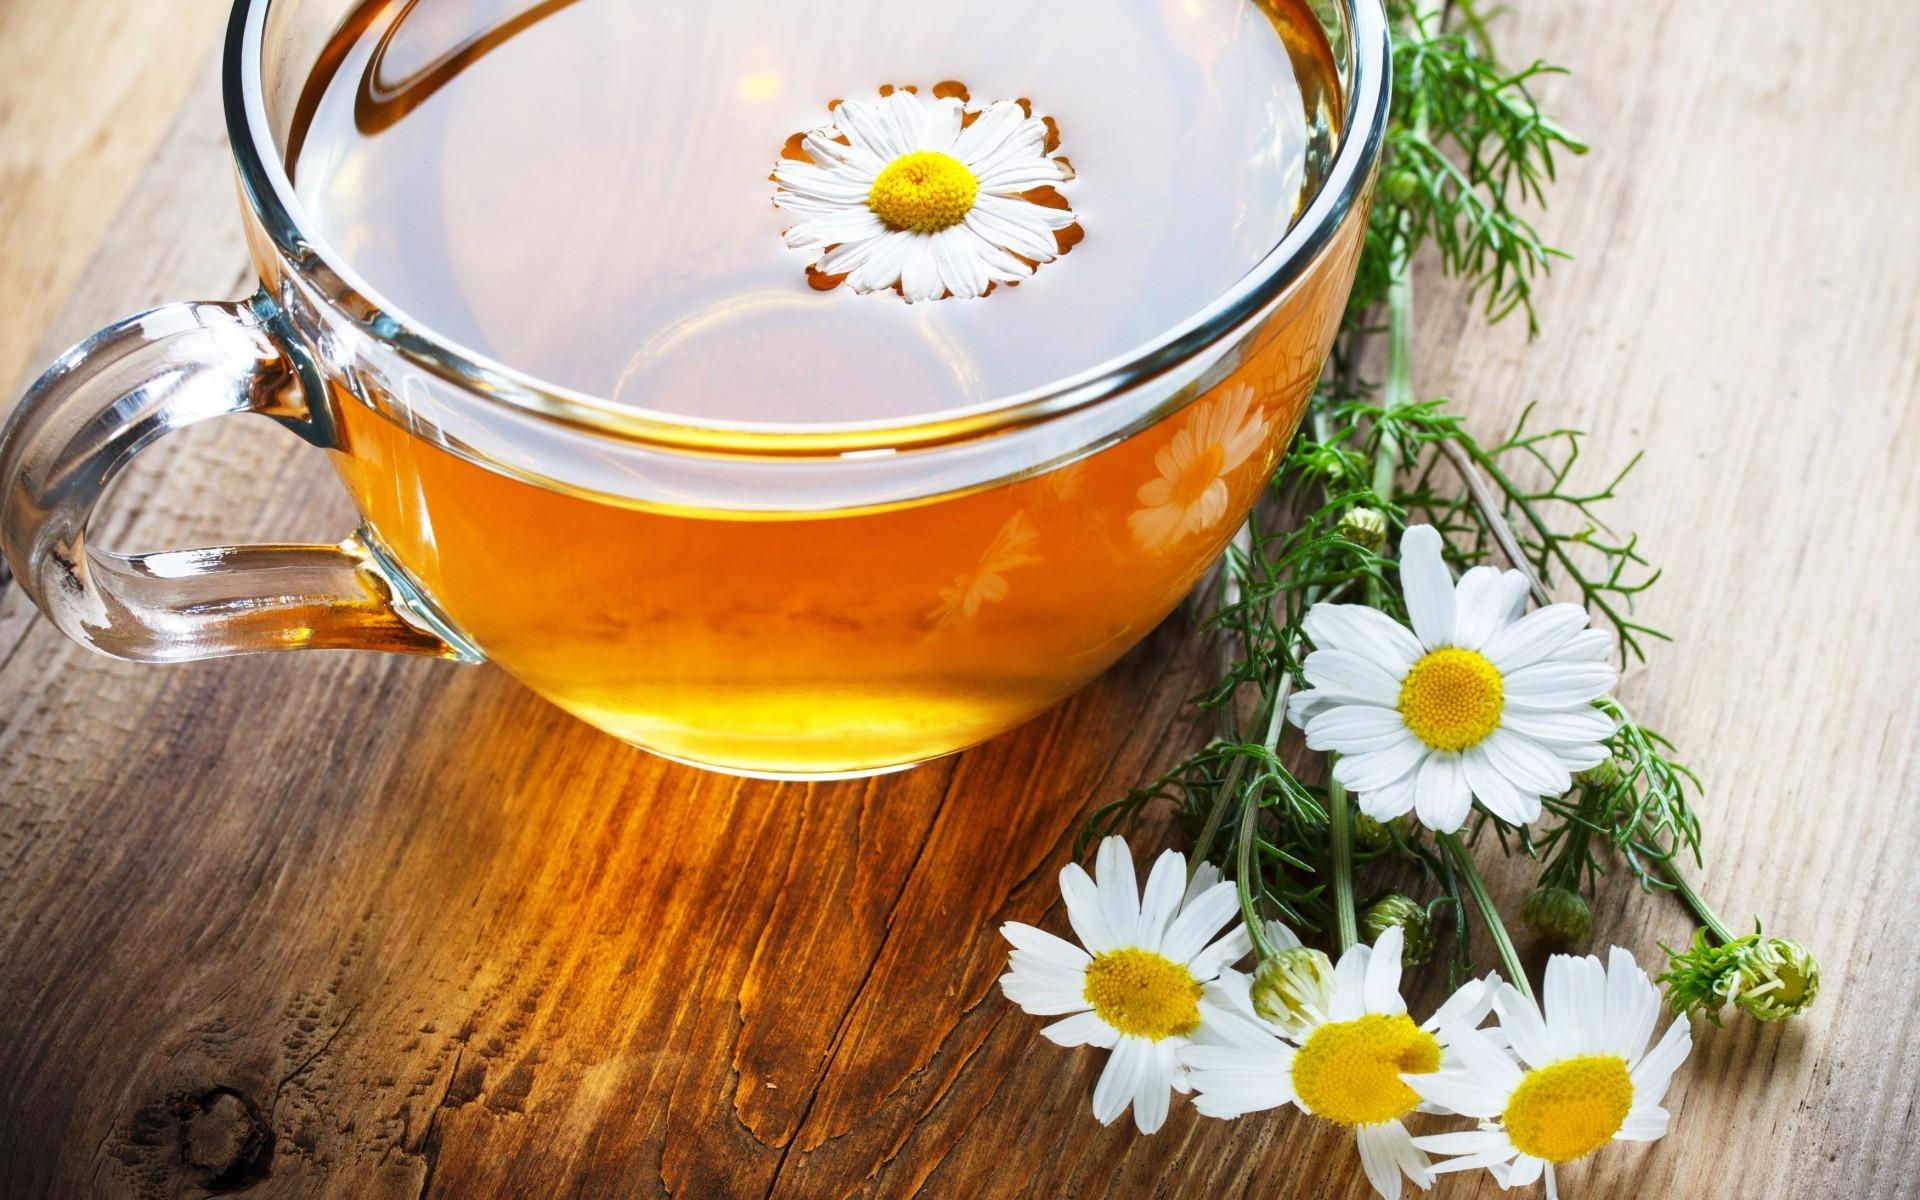 Фото крупнолистового чая